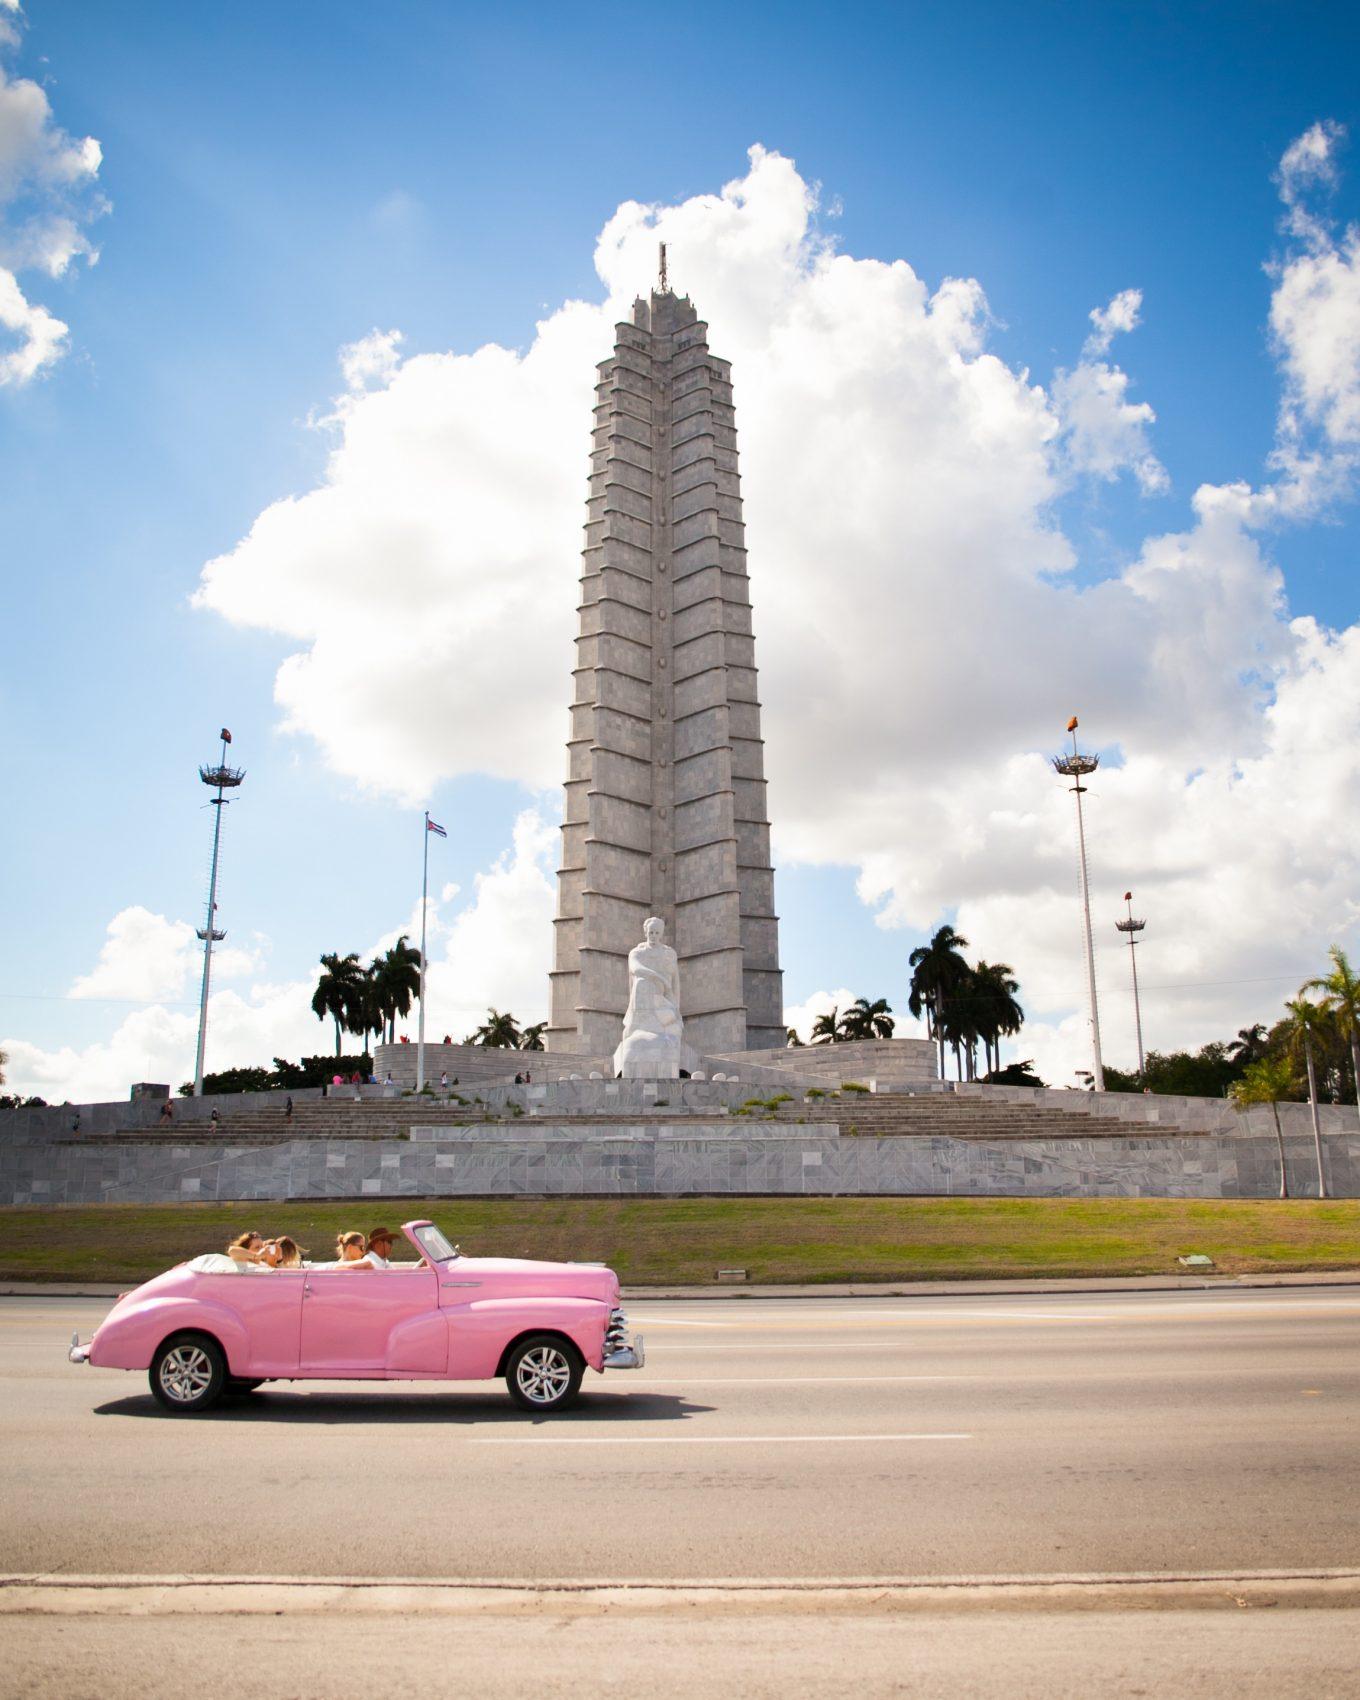 8. Cuba